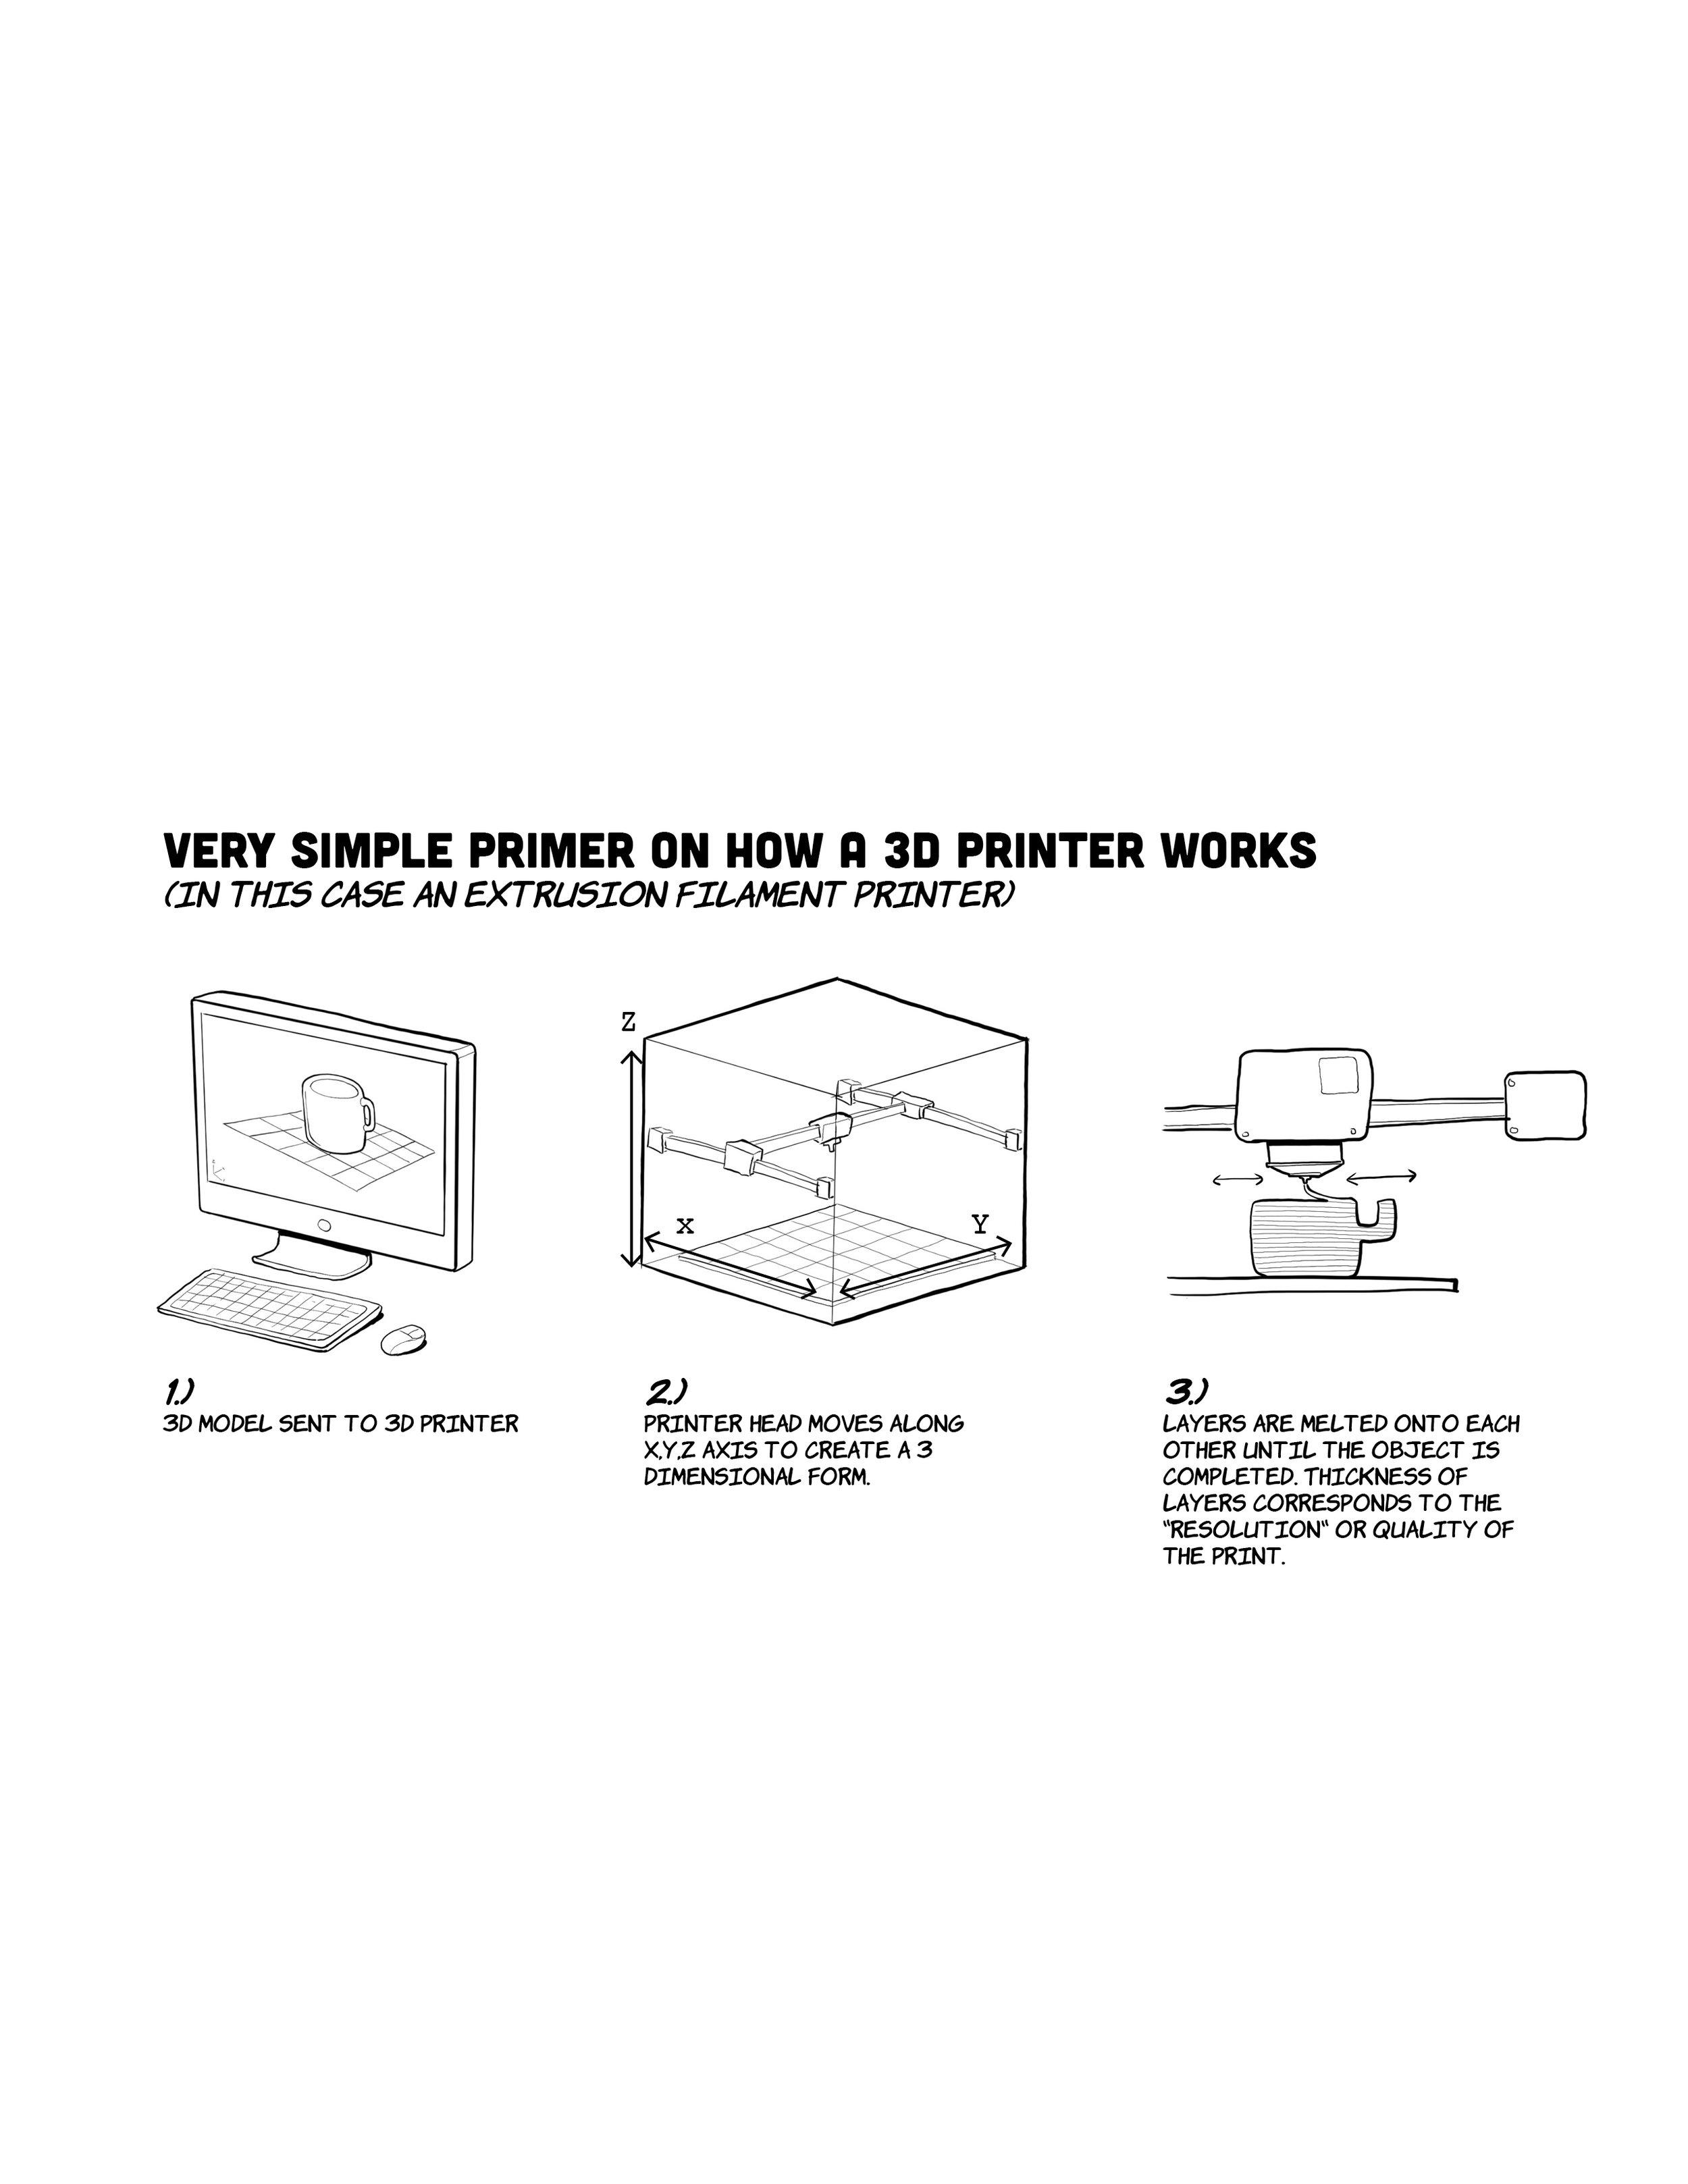 DRegone_Illustrations21.jpg